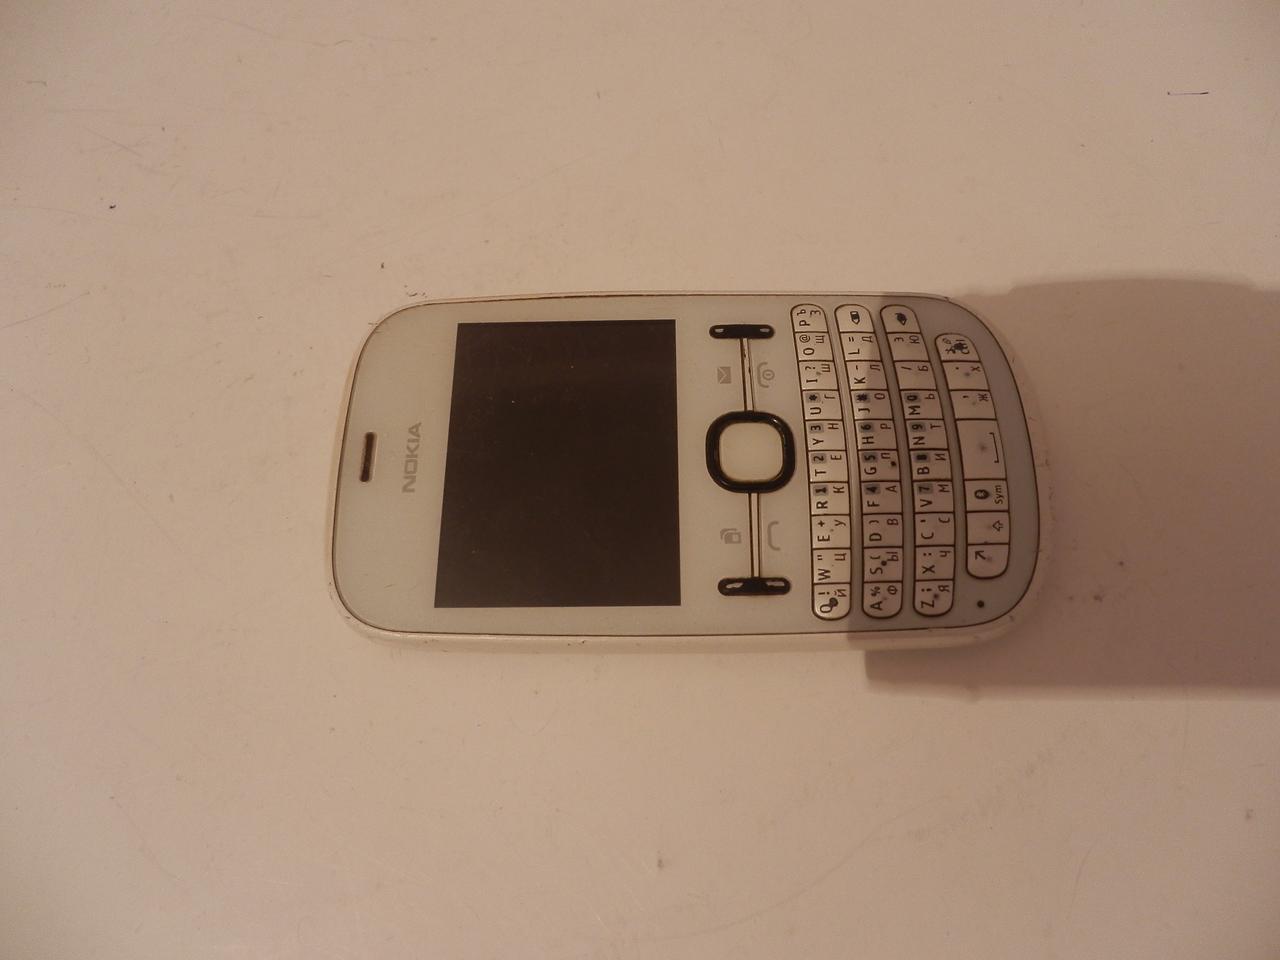 Мобильный телефон Nokia RM-761 (nokia 200) №7199